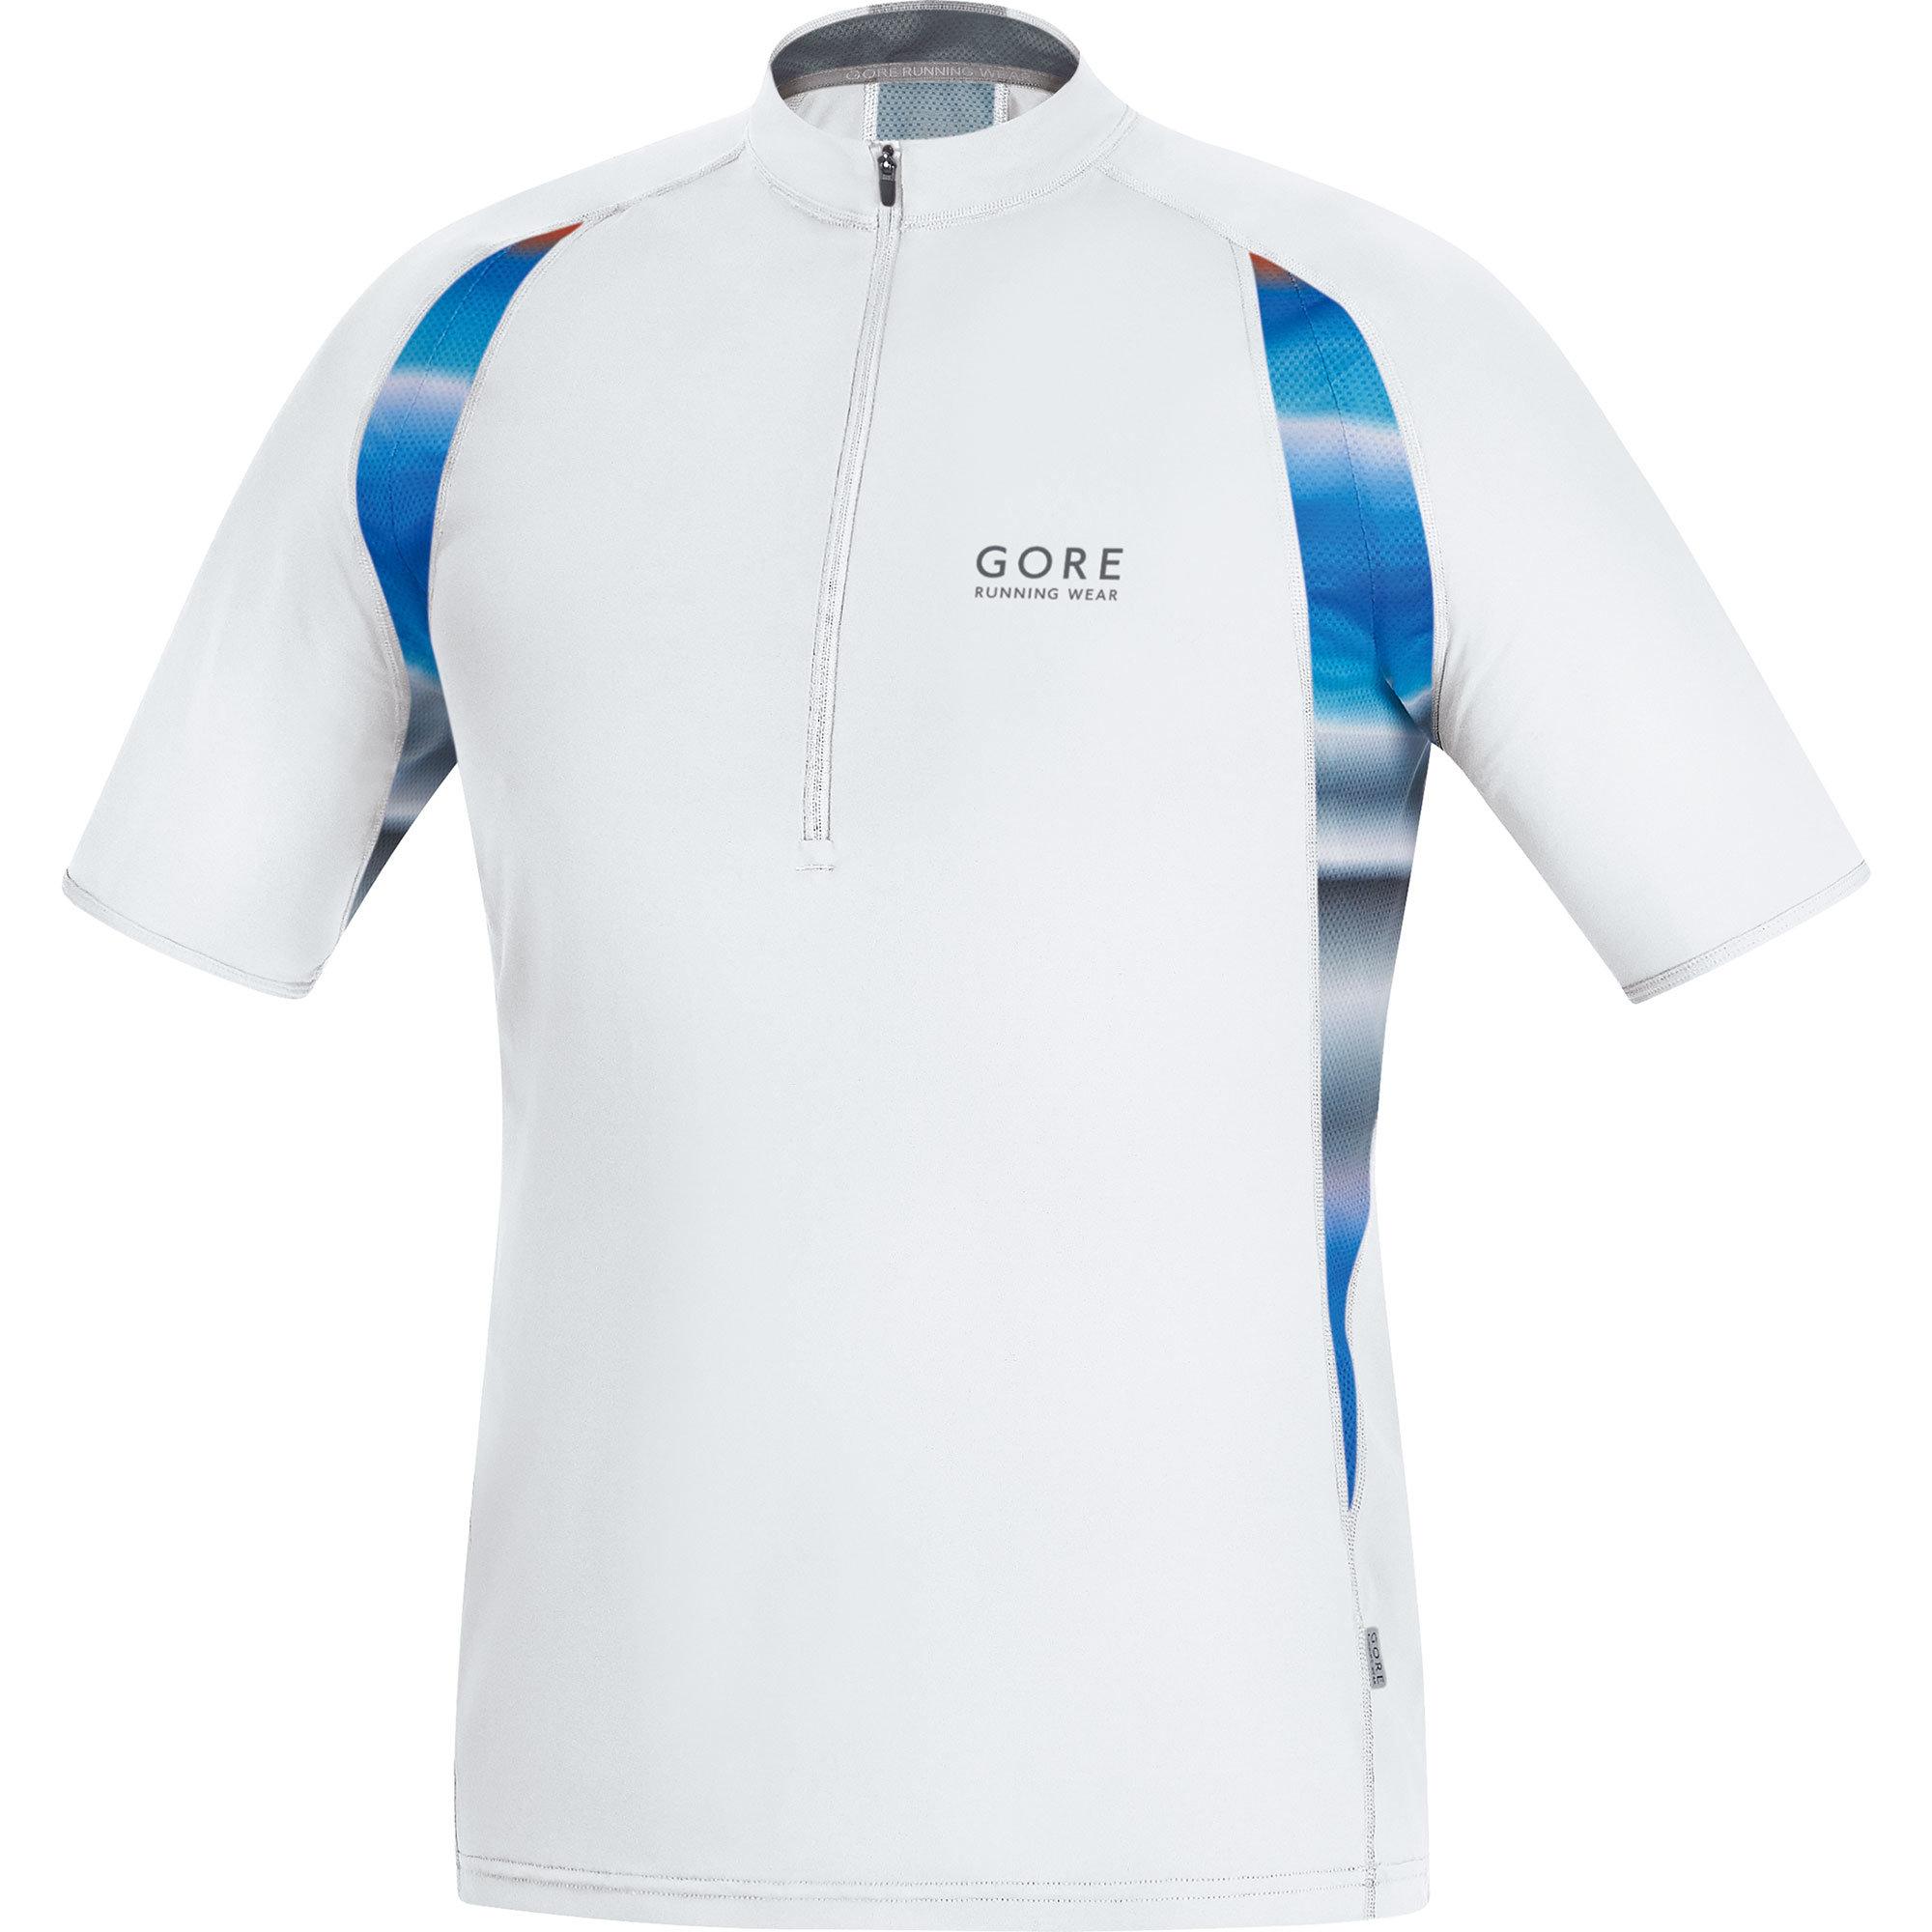 Gore Air Print Zip Shirt in Weiß